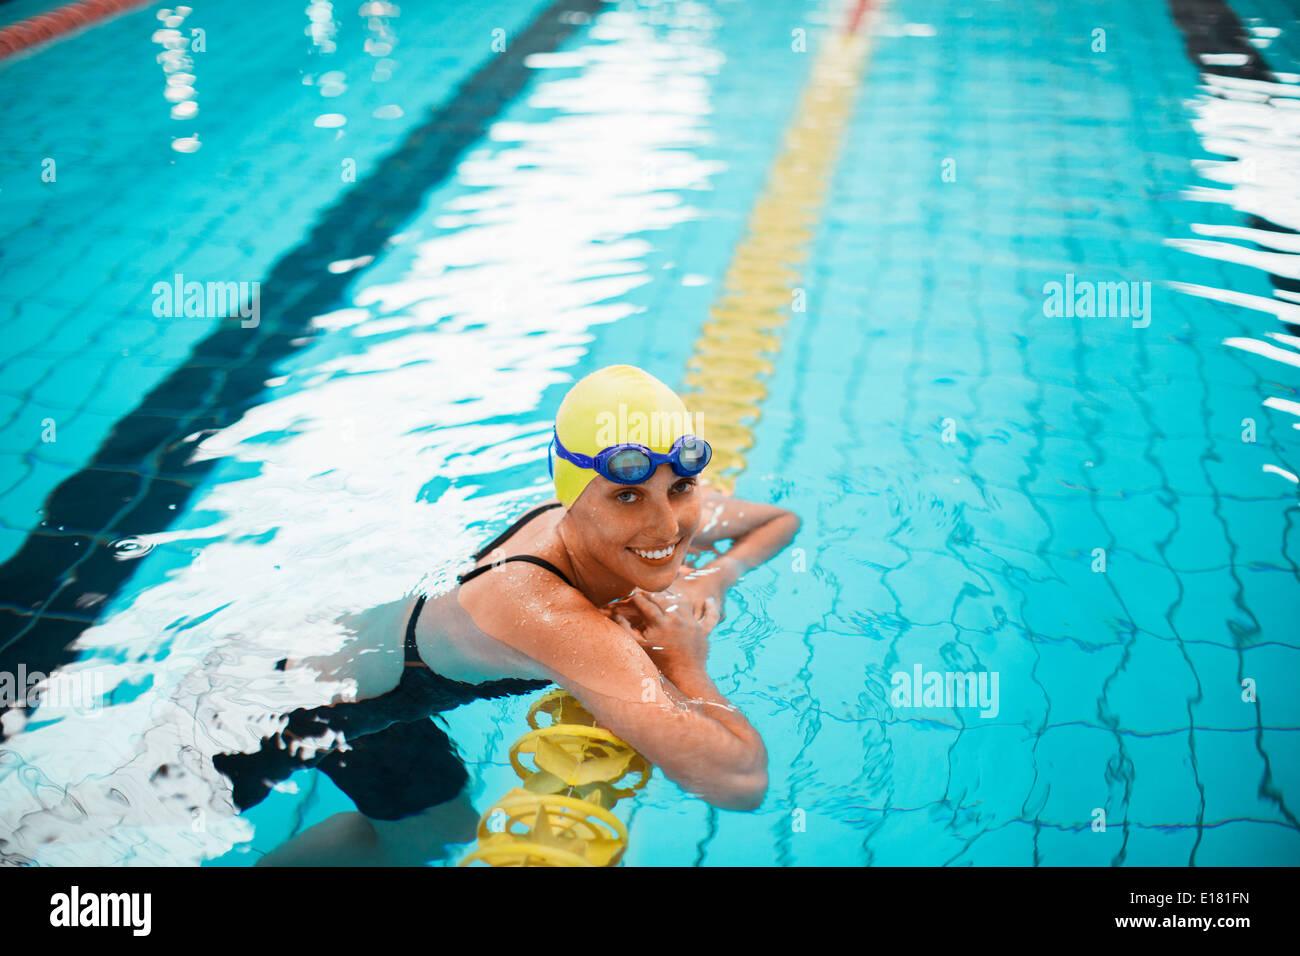 Porträt des Lächelns Schwimmer stützte sich auf Lane Marker im Pool schwimmen Stockfoto